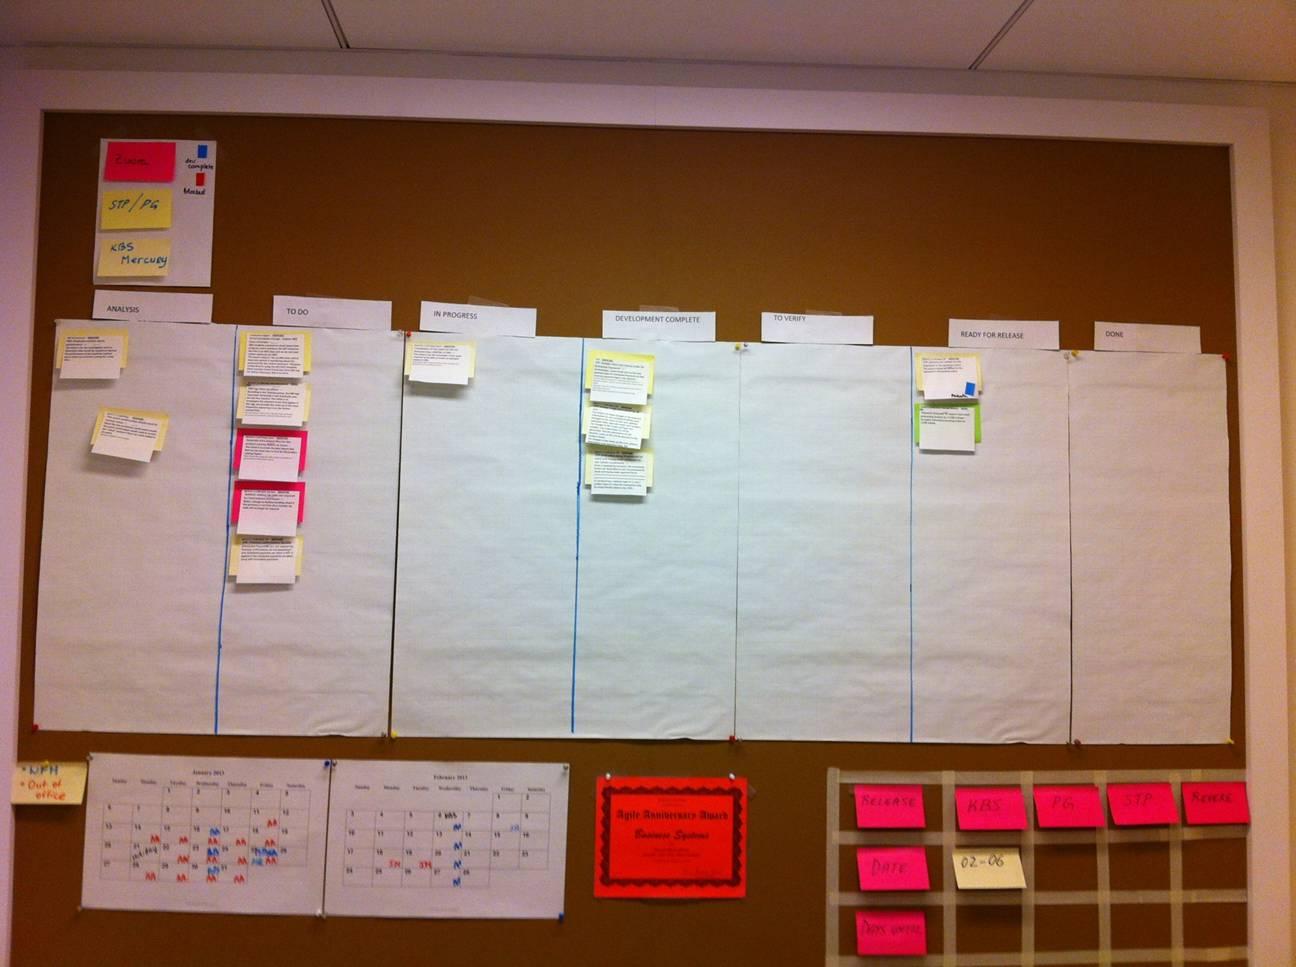 Classroom culture essay